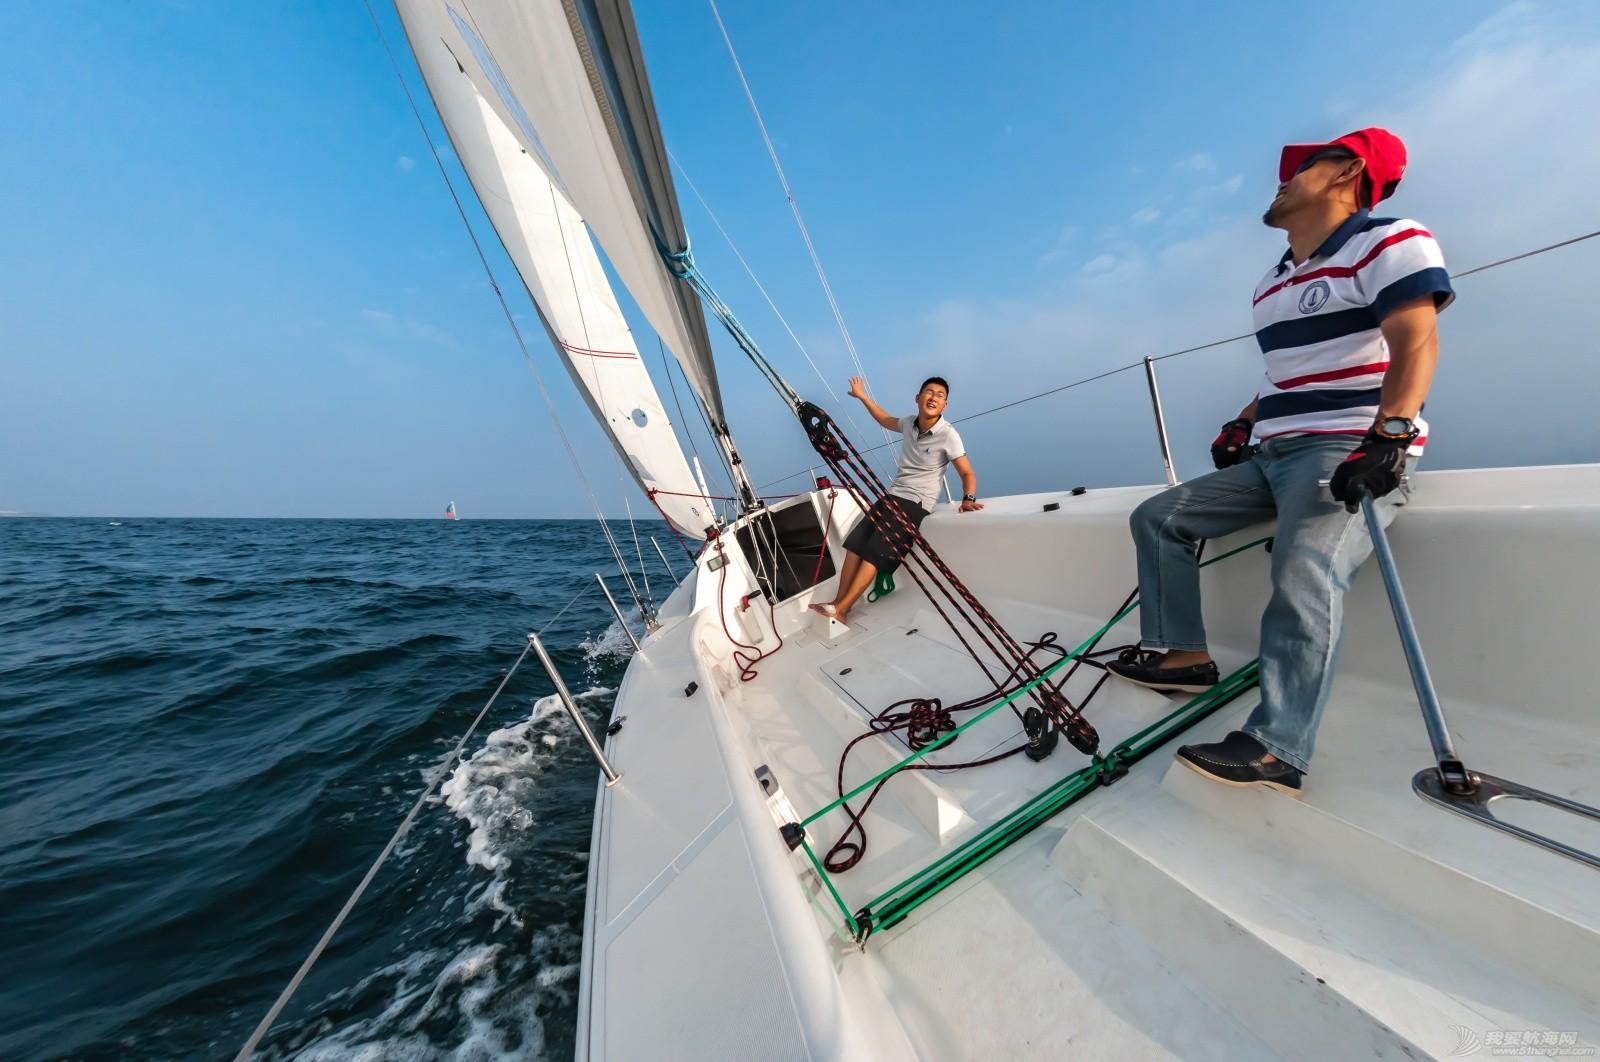 帆船 【2015大鹏杯帆船赛】鱼眼看航海 16030.jpg